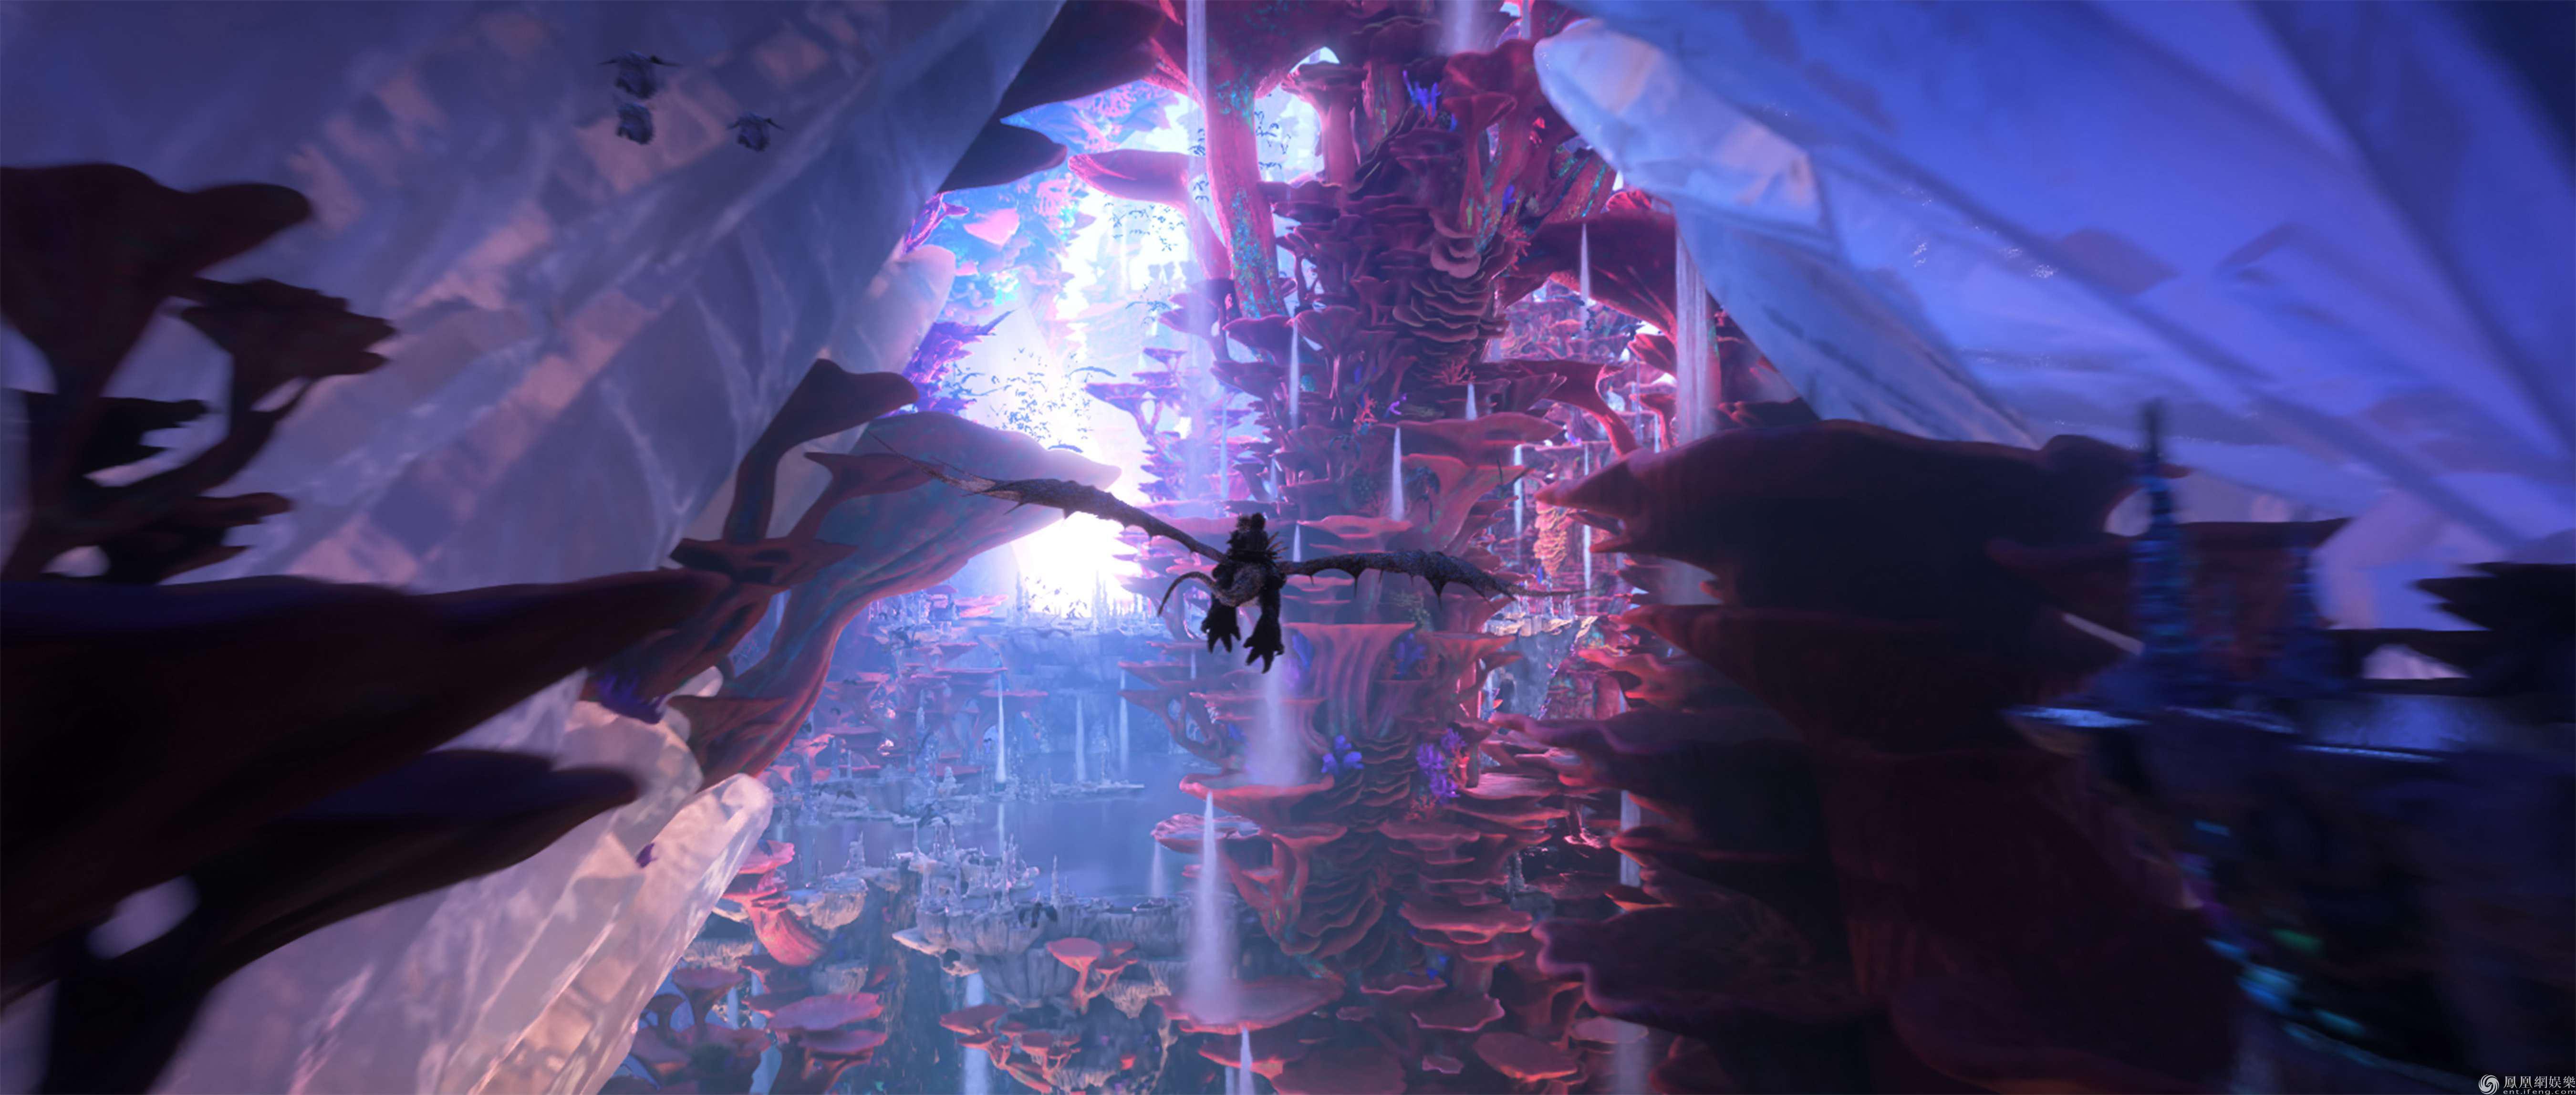 《驯龙高手3》票房问鼎北美首周末冠军 获封系列